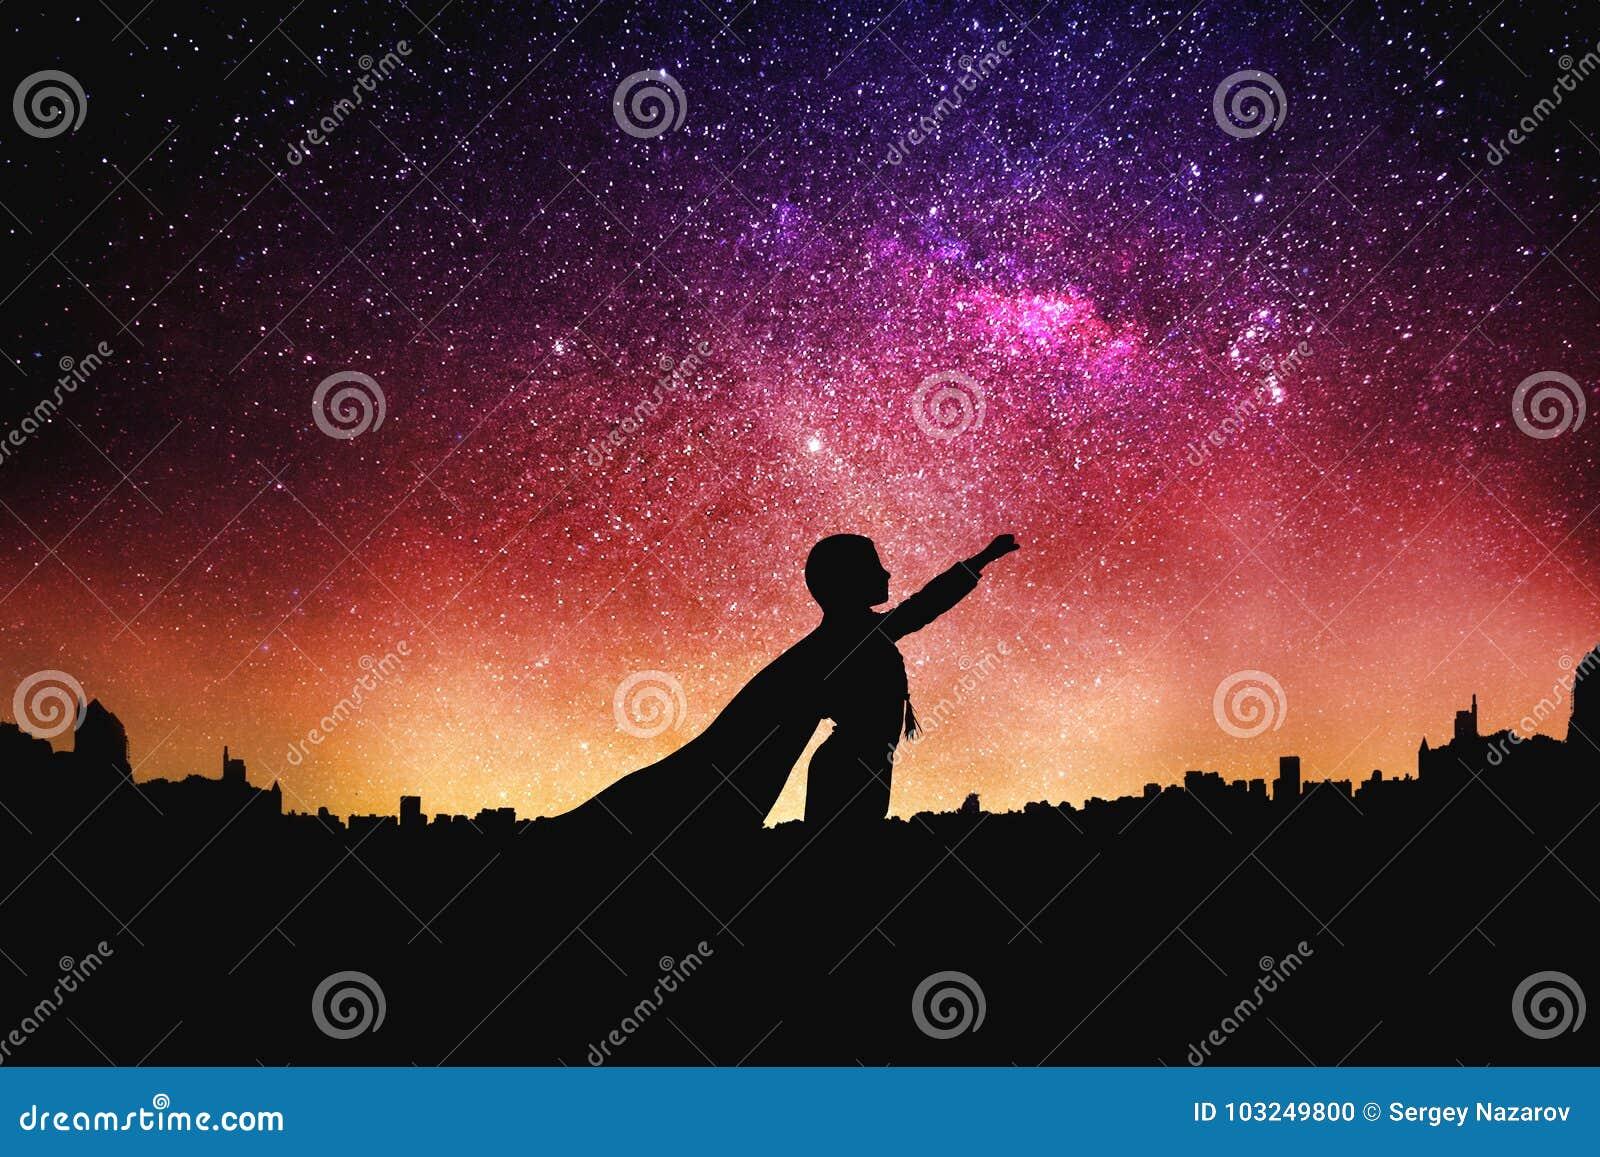 Bohater sylwetka przy nocy nieba gwiaździstym tłem